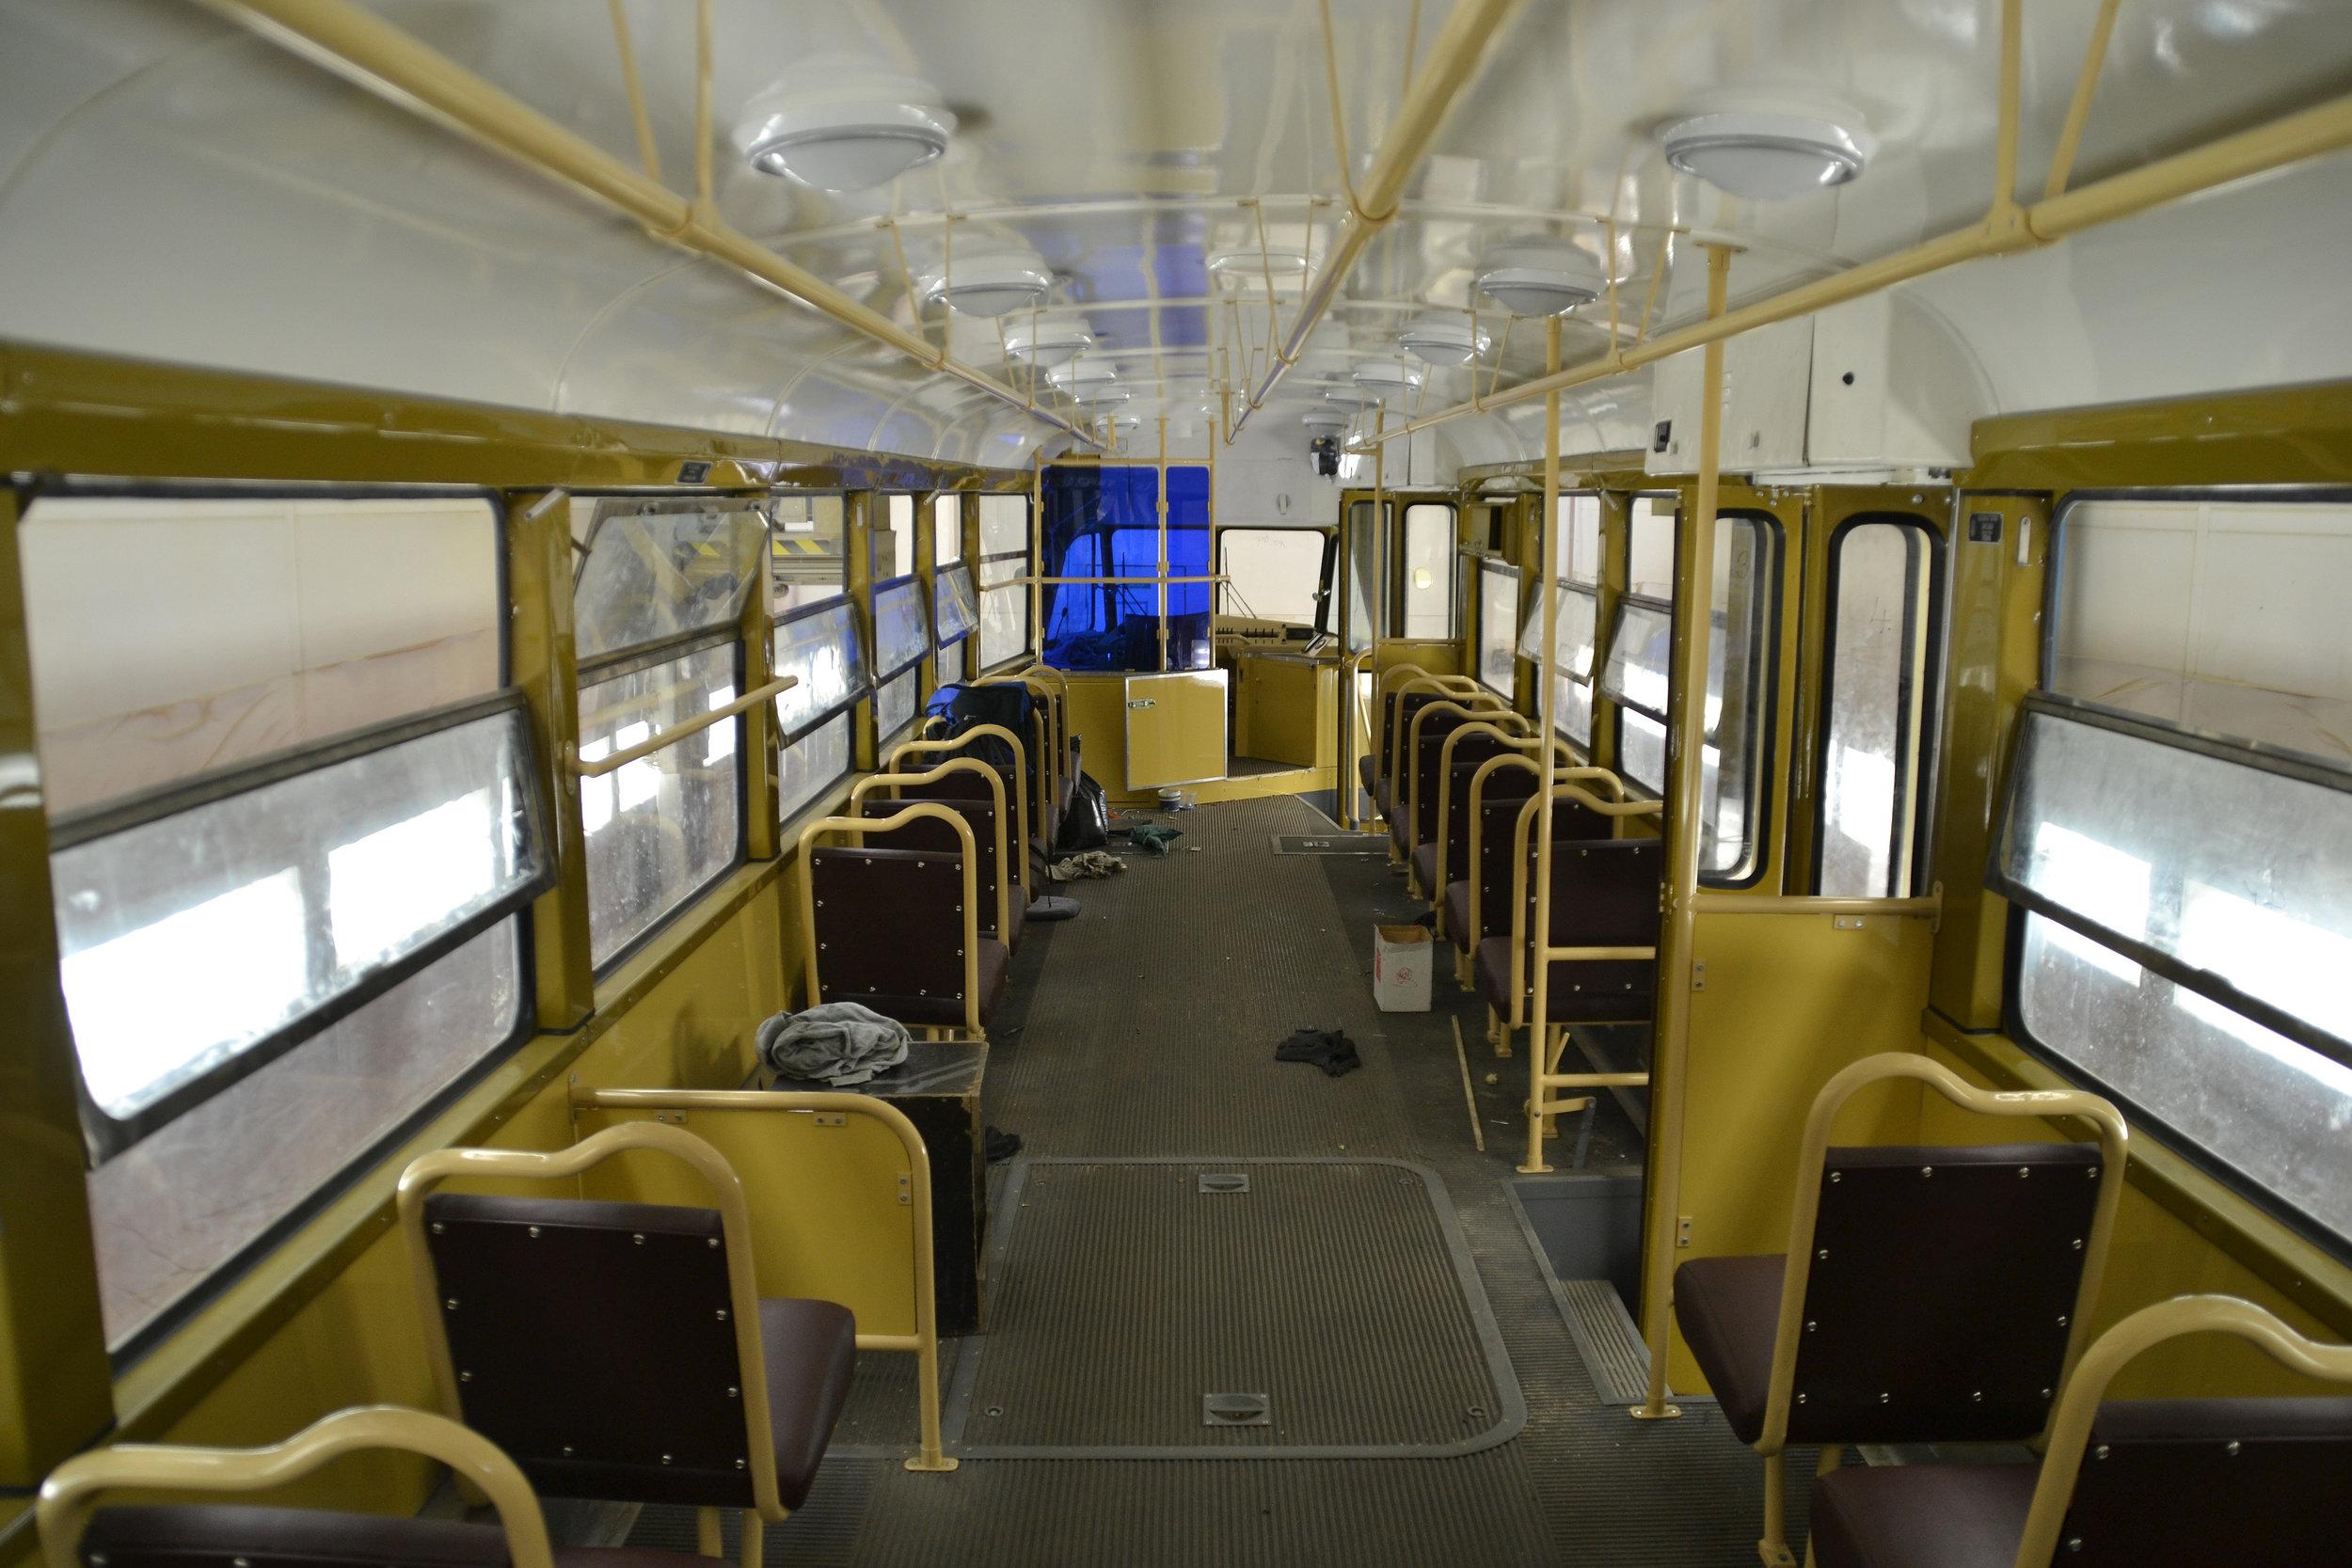 Interiér vozu T2 ev. č. 1435 po opravě. (foto: Ing. Jiří Černý)